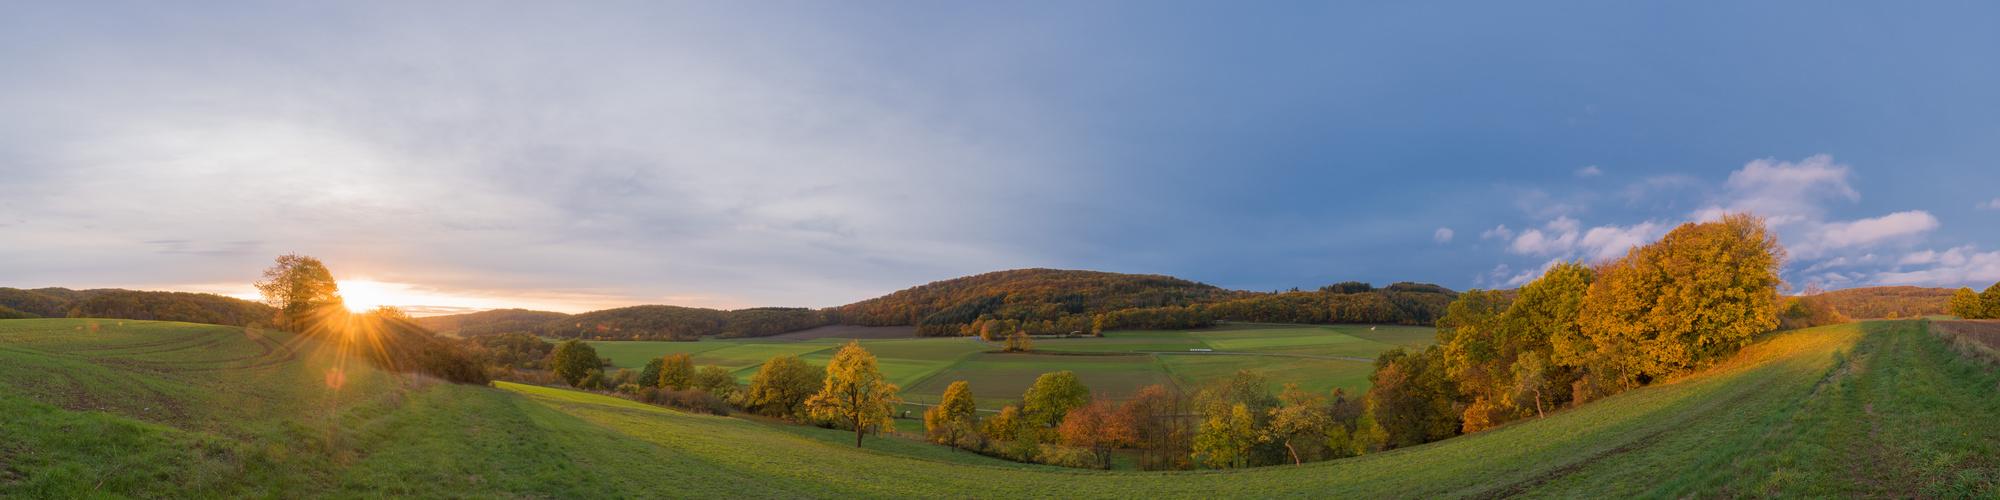 Herbstpano am Morgen FC